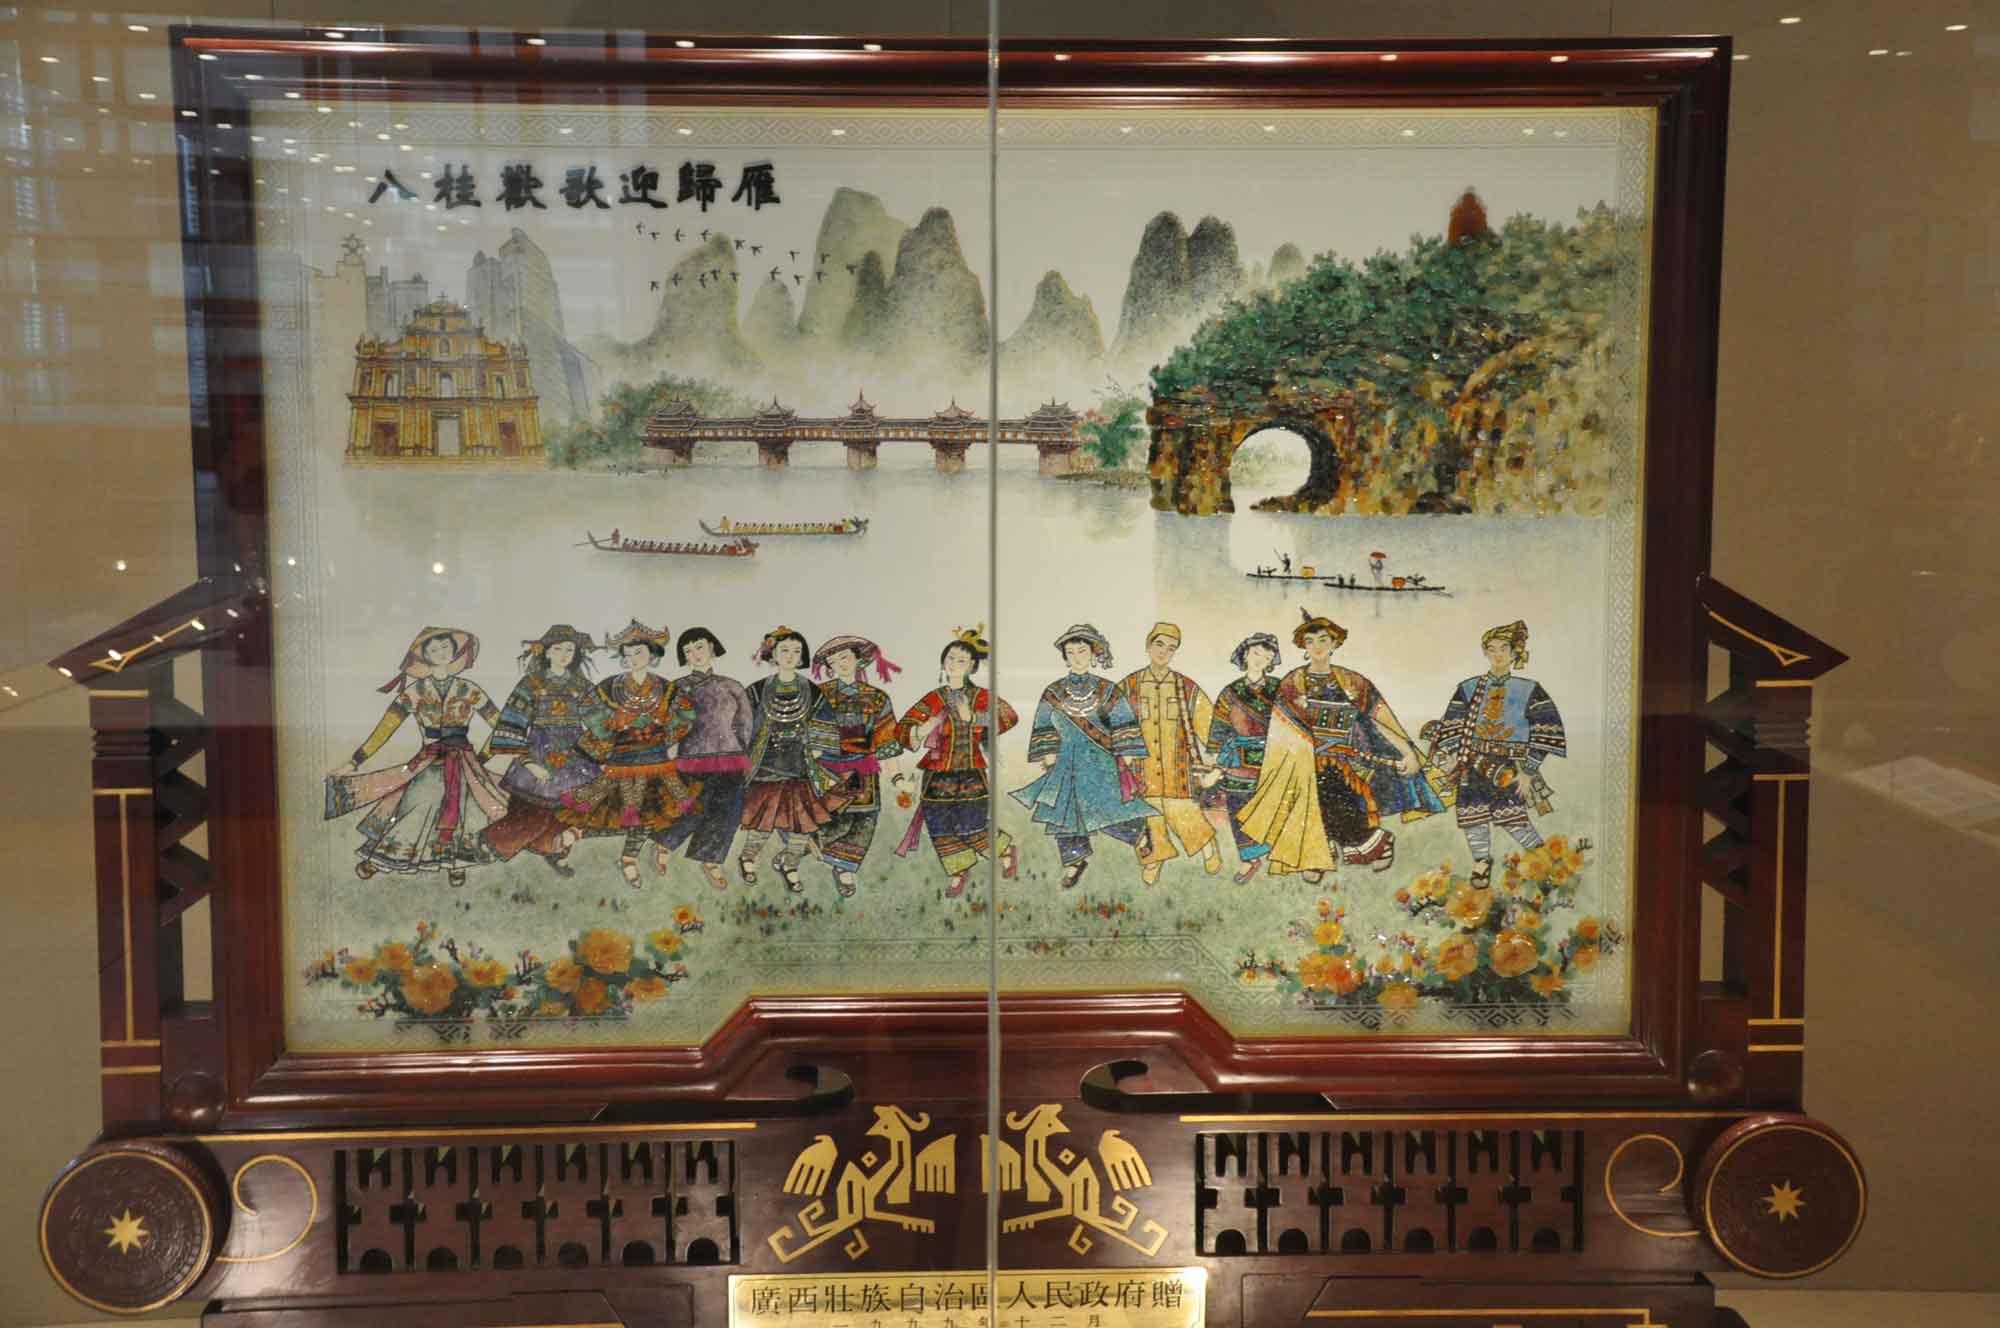 Handover Gifts Museum Macau Guangxi Province art